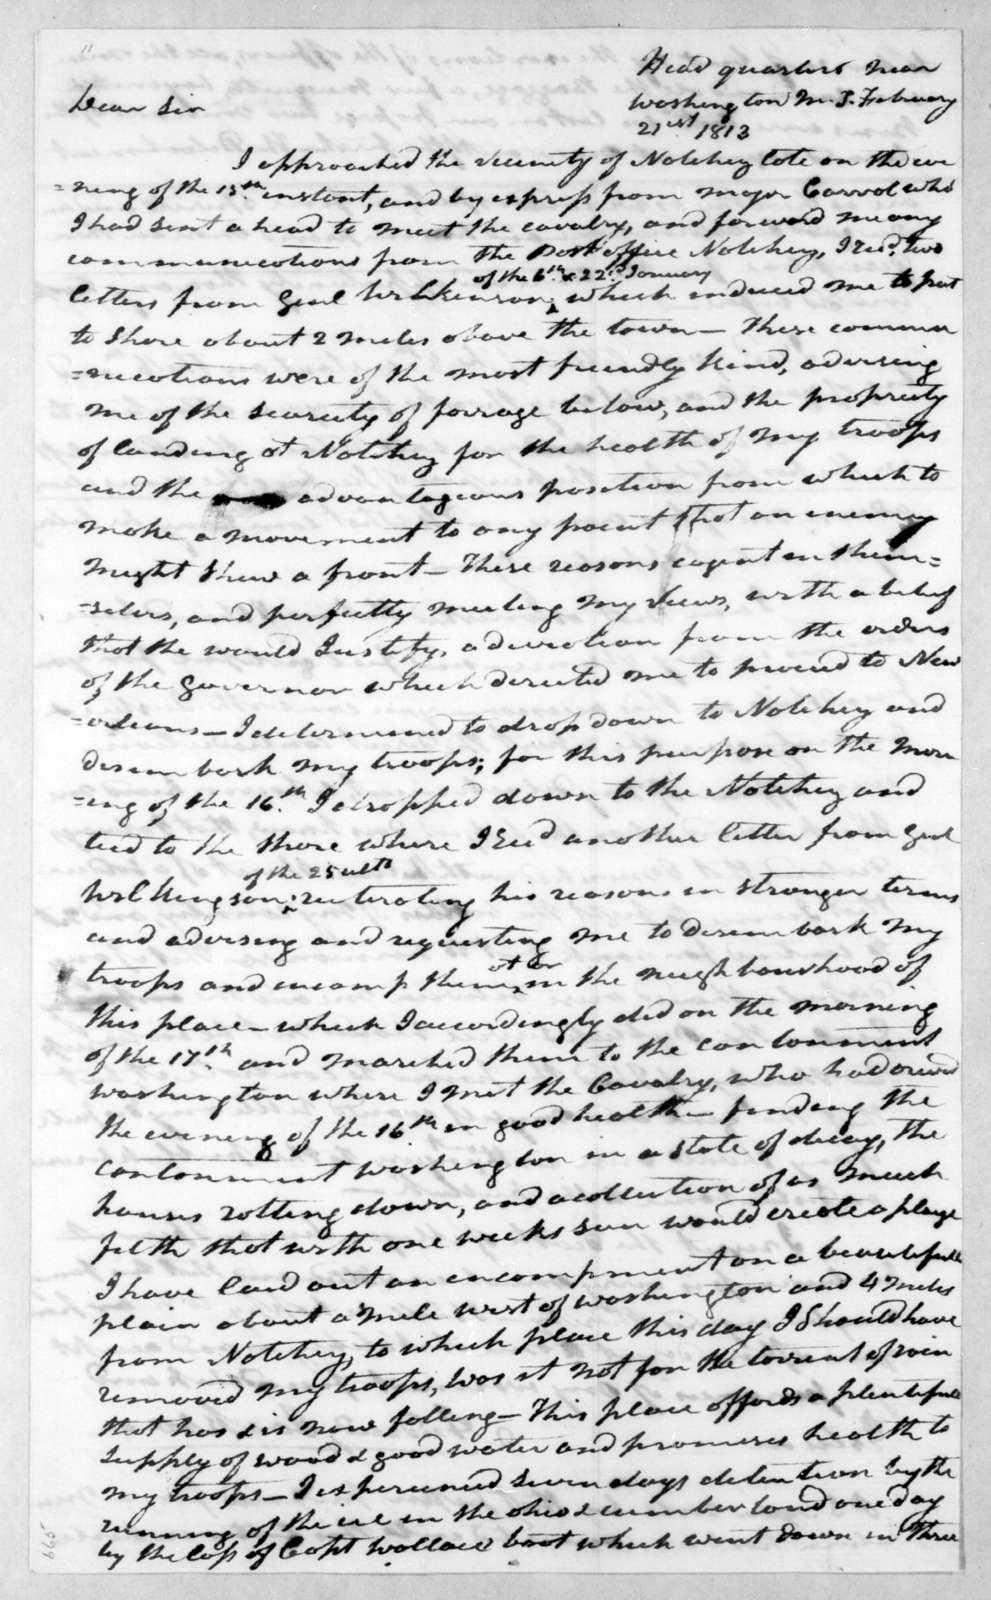 Andrew Jackson to William Berkeley Lewis, February 21, 1813